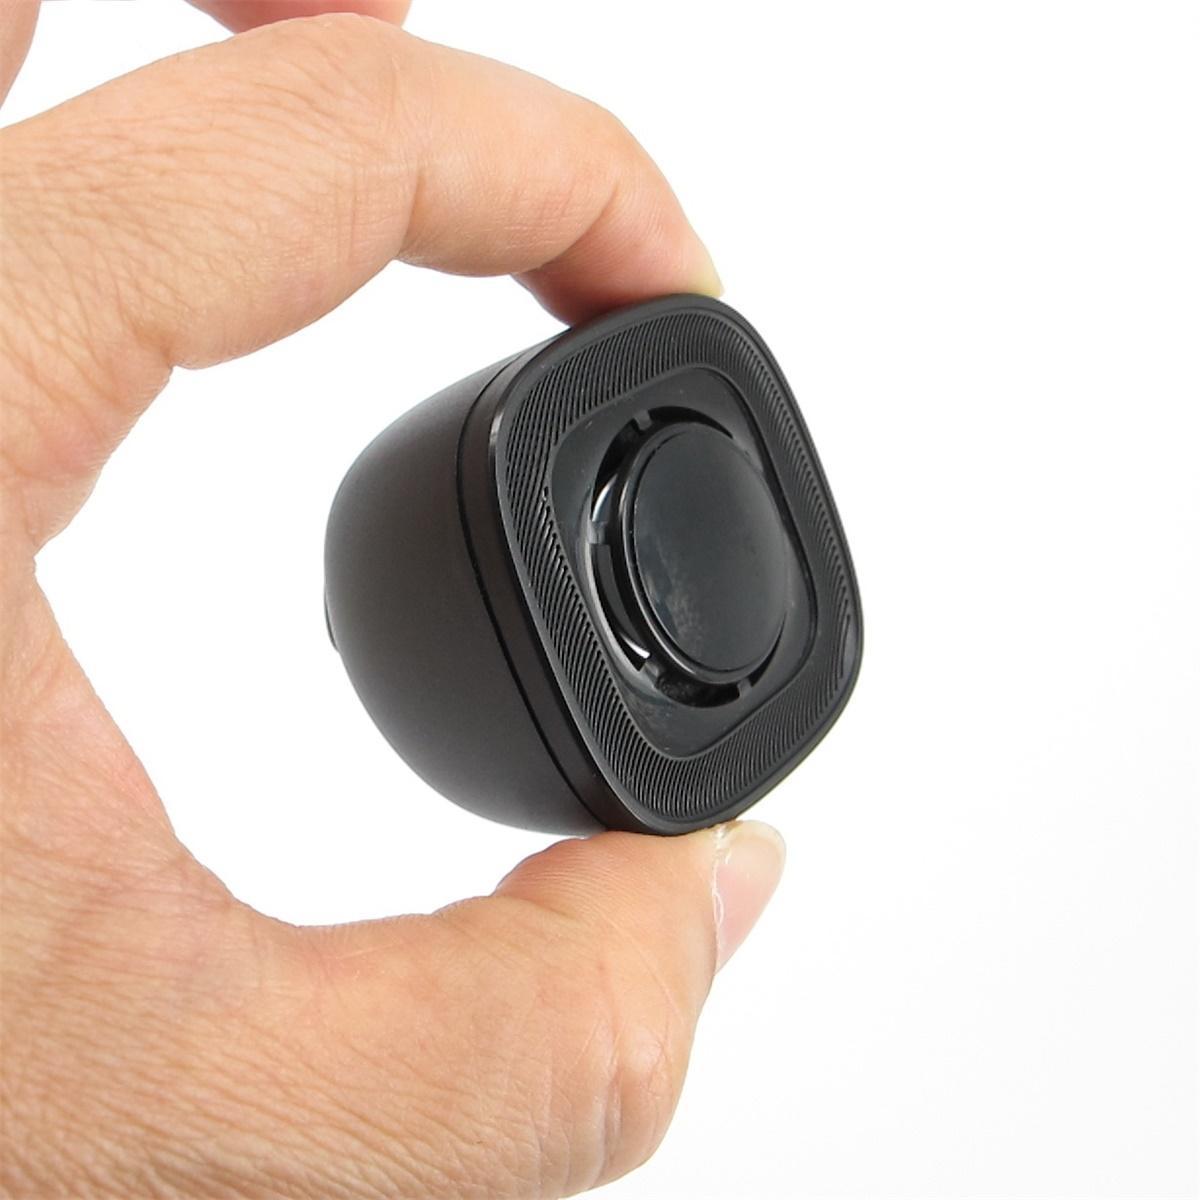 8G haut-parleur bluetooth Voice Recorder 3W puissance boost volume portable partenaire partenaire de téléphone jouer de la musique mp3